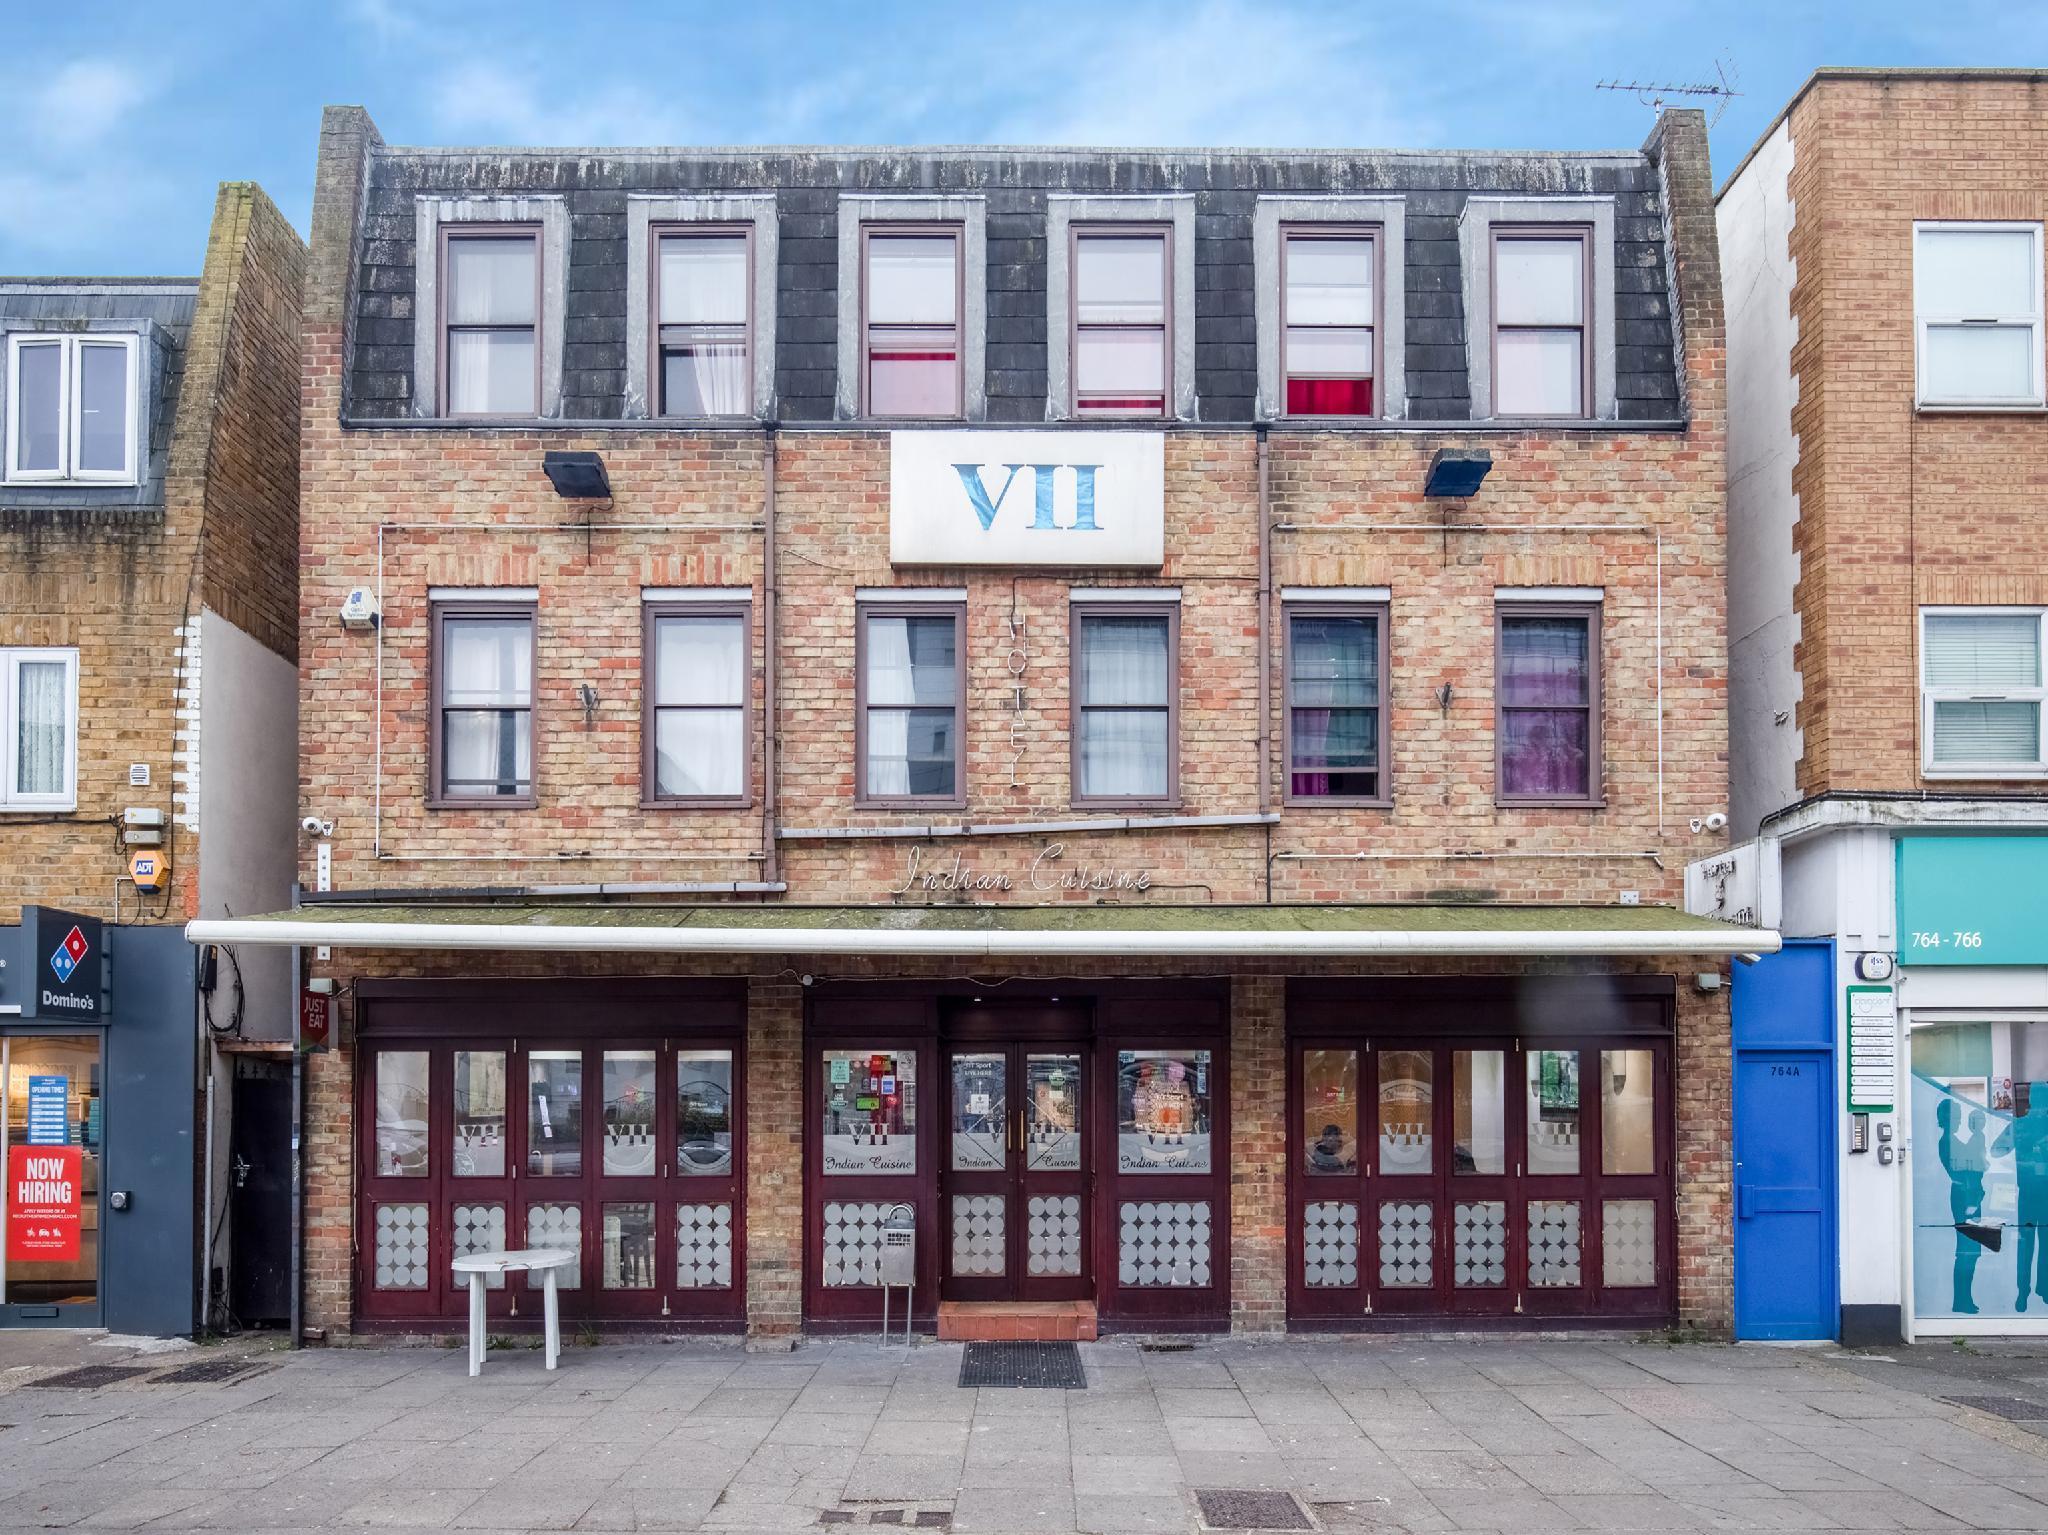 Vii Hotel & Restaurant